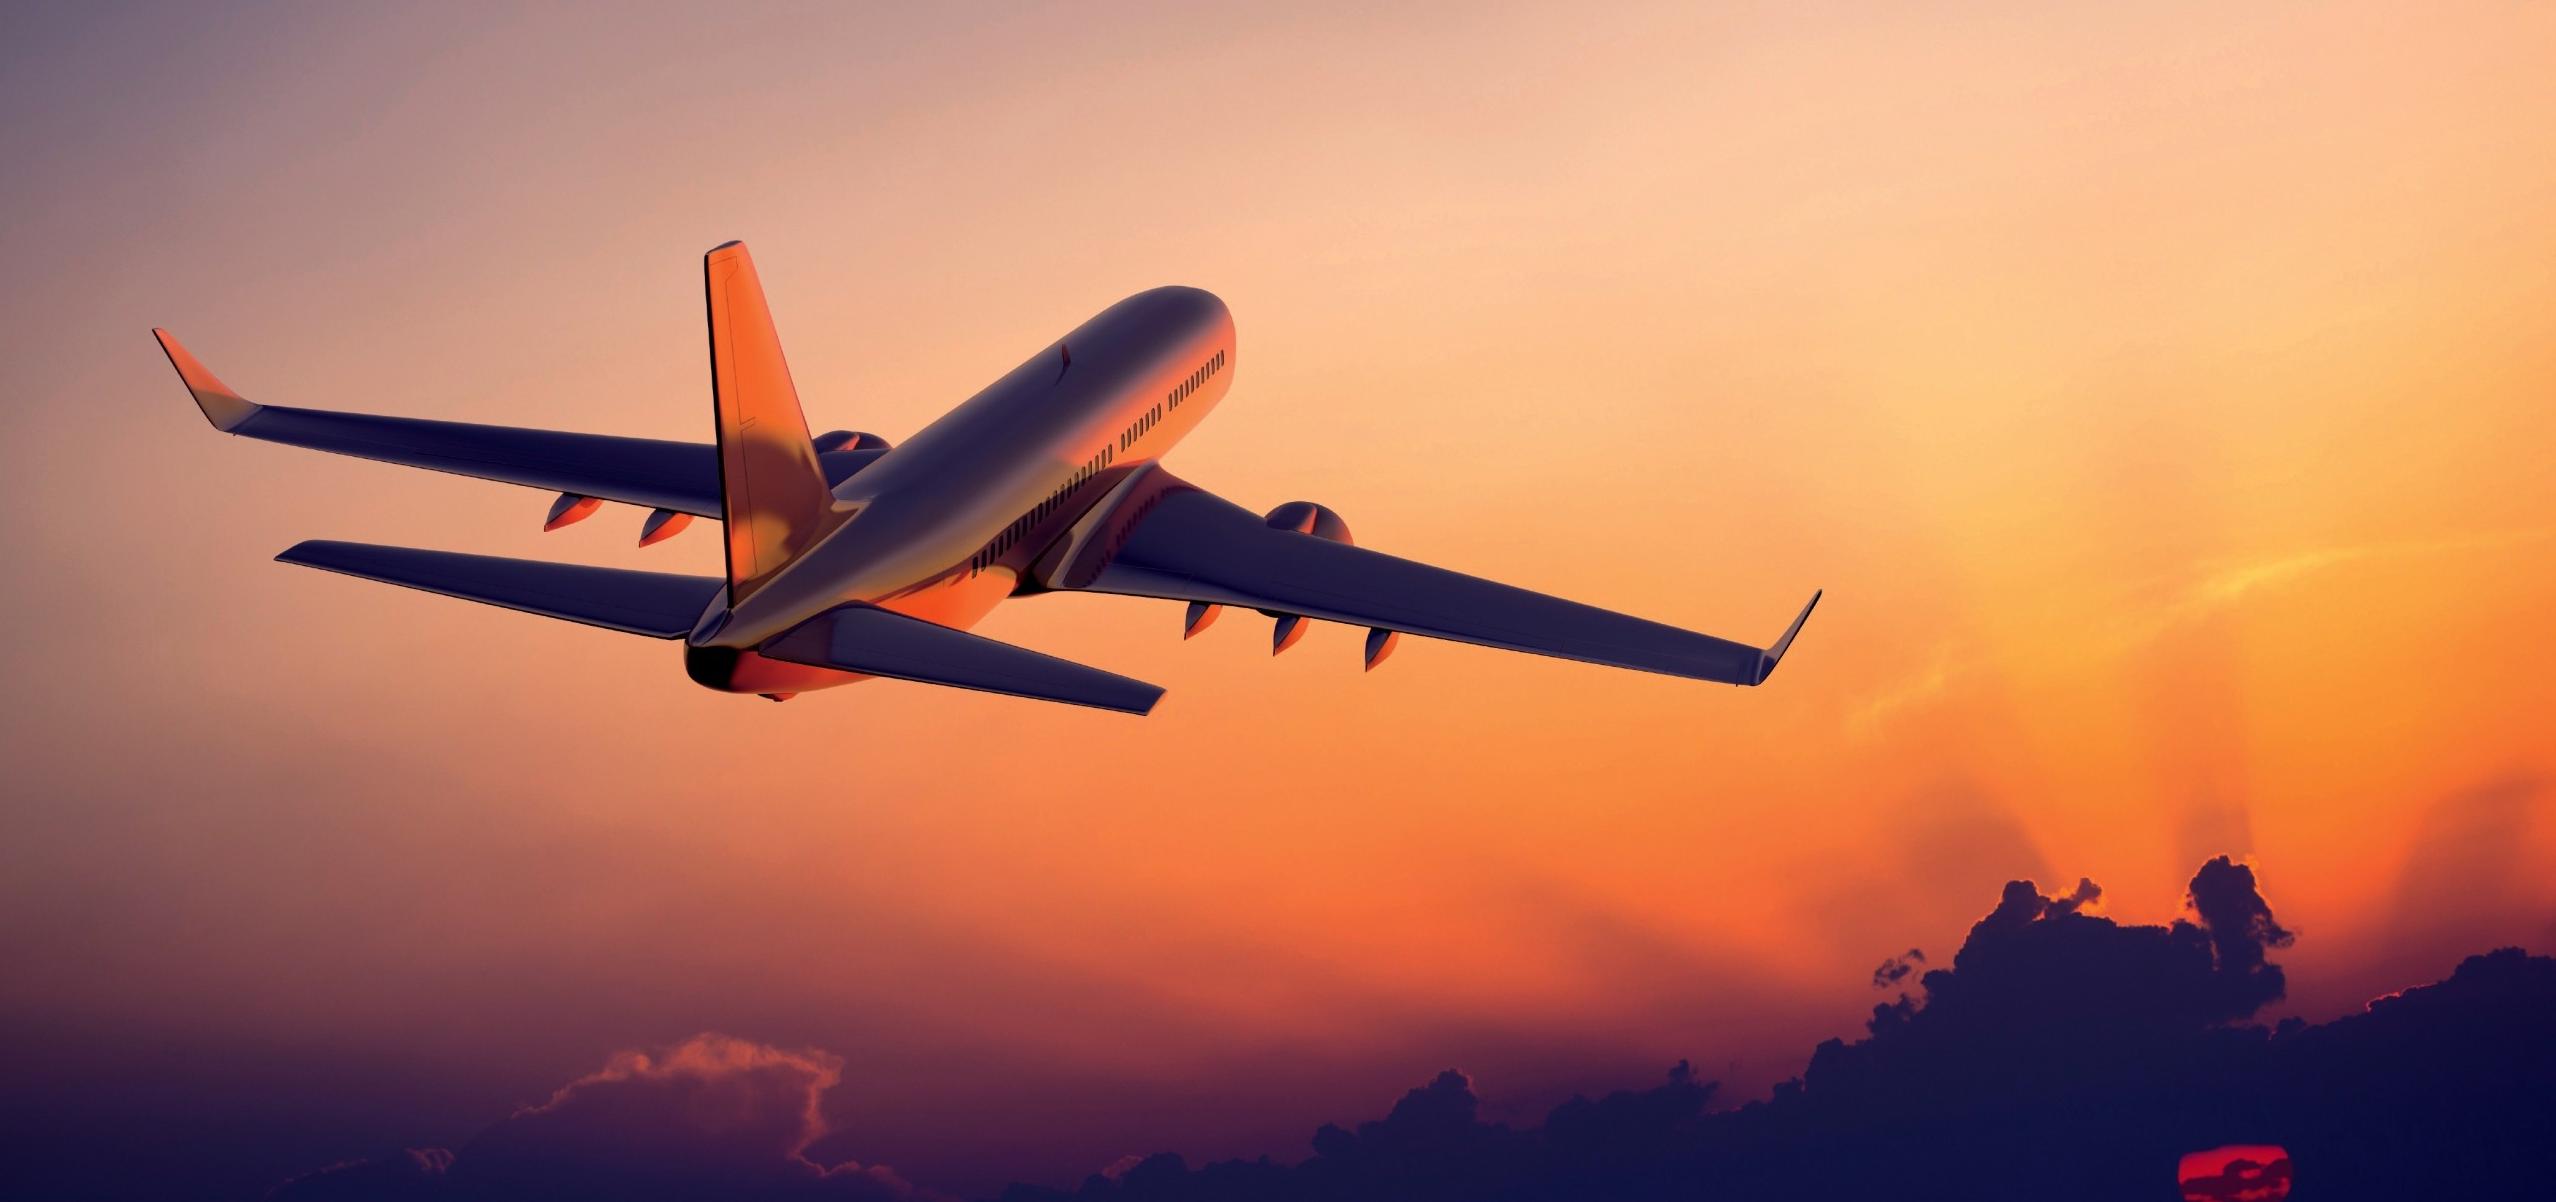 promotivne cene avio karata najjeftinije avio karte najjeftinije avionske karte